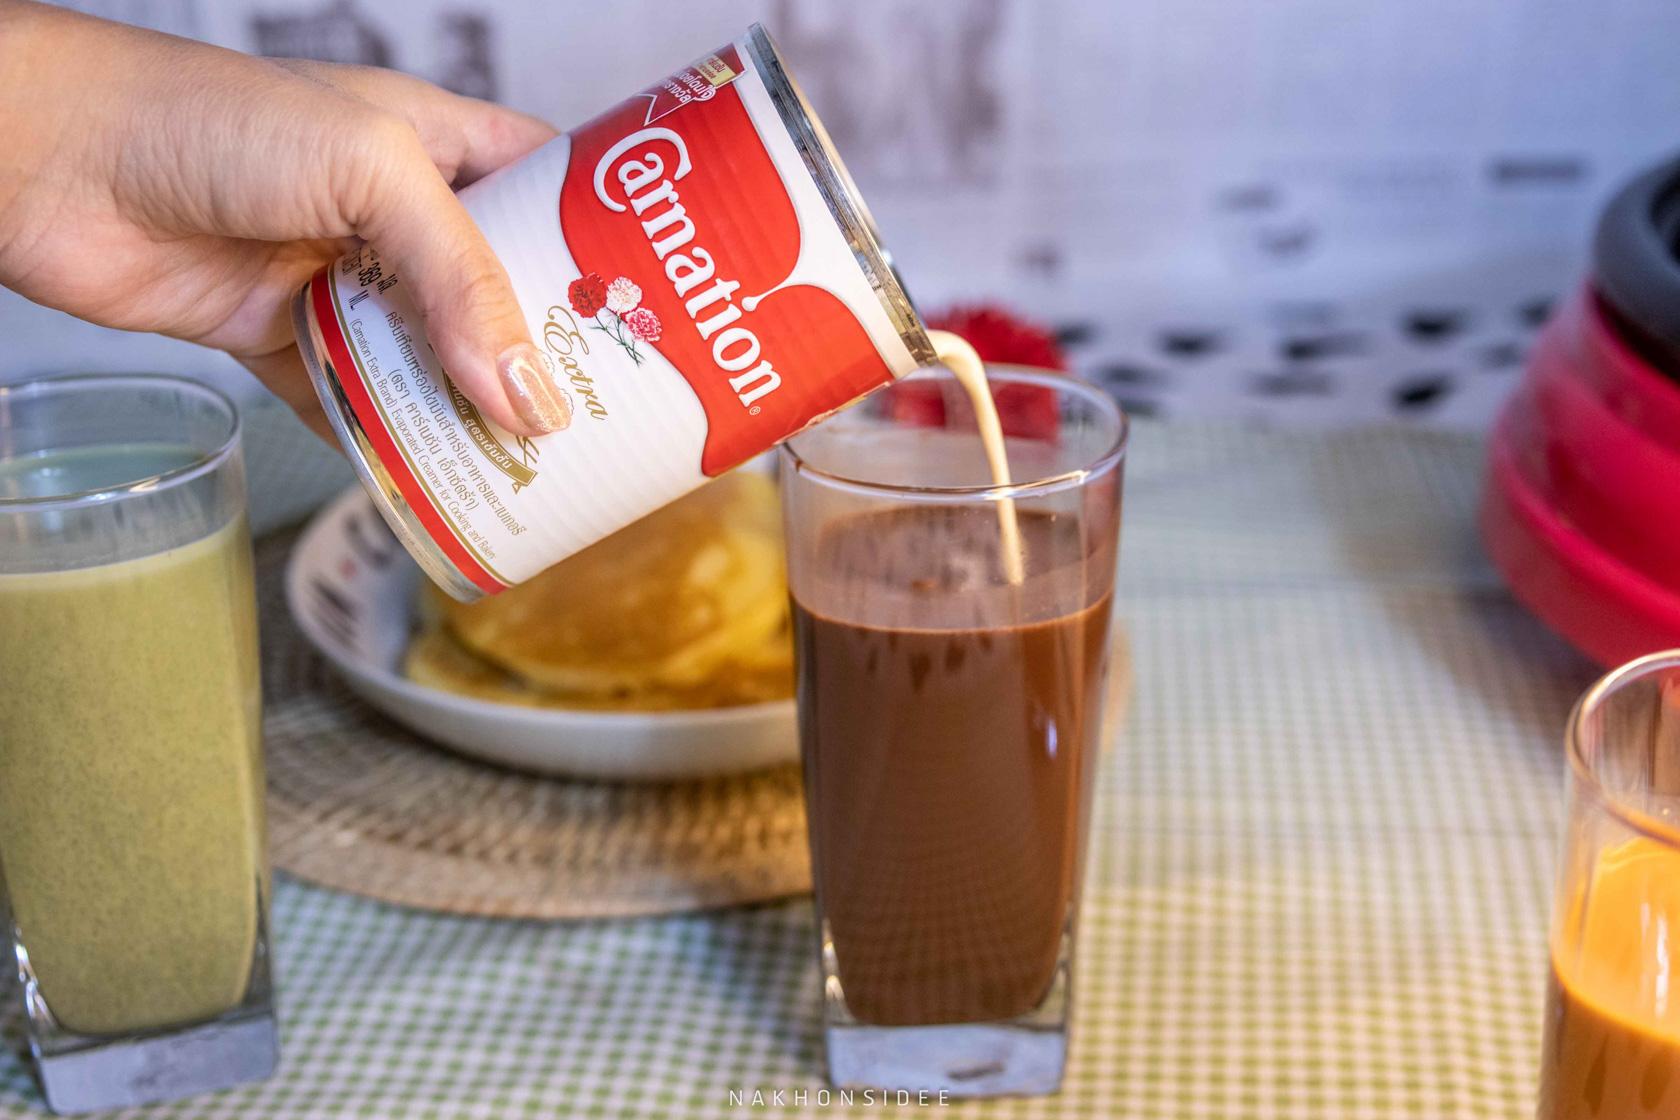 โกโก้ หรือจะเป็นเมนูโกโก้-ก็ยังให้รสชาติของโกโก้ที่เจ้มจ้นไปอีกแบบ  คาร์เนชัน,Carnationextra,คาร์เนชันเอ็กซ์ตร้า,หอม,มัน,อร่อย